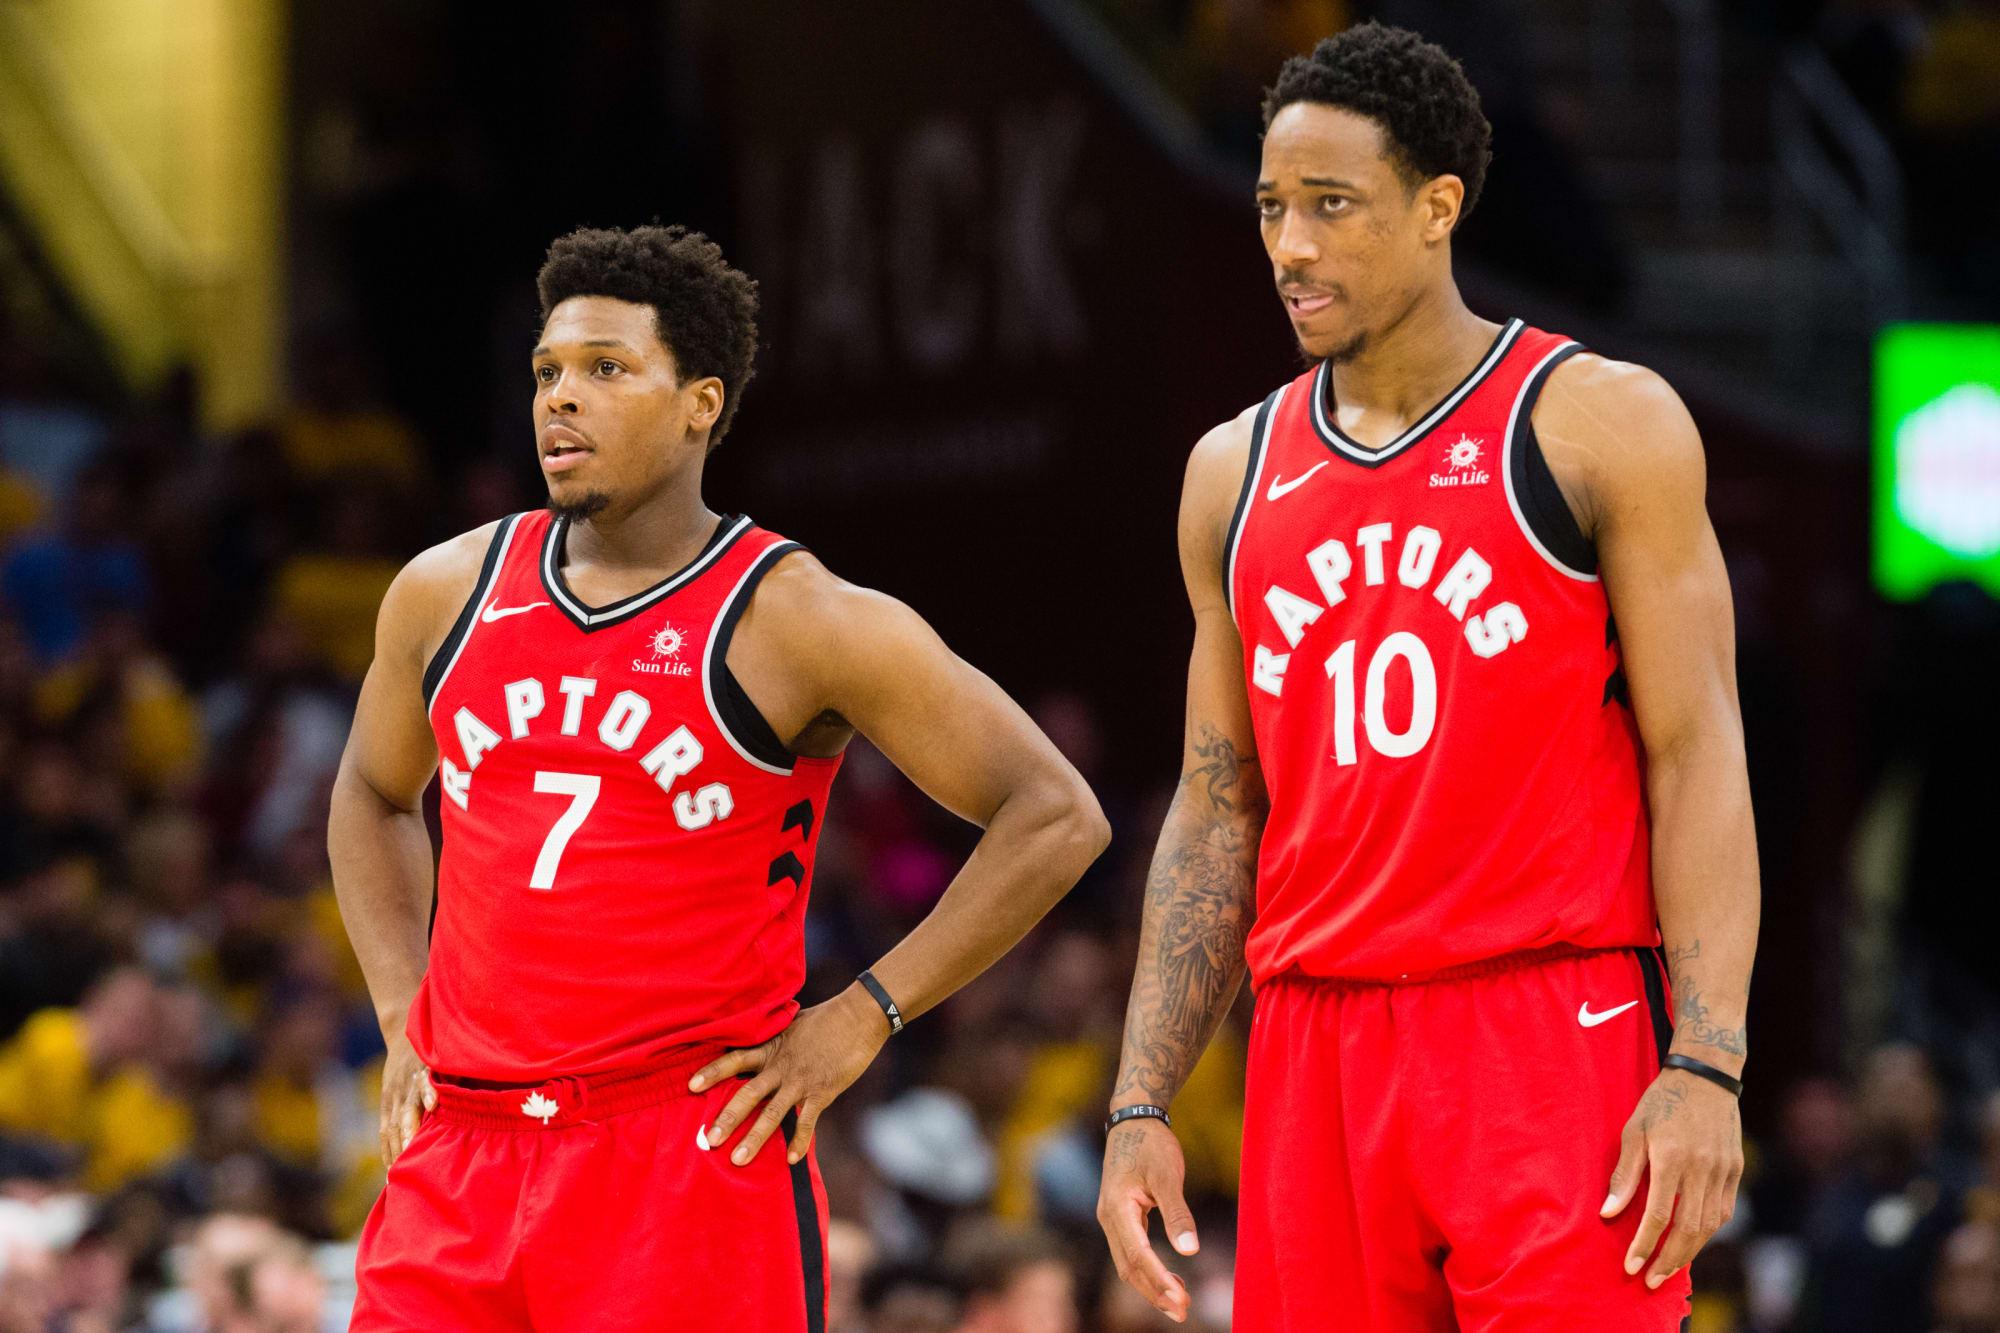 Raptors rumors: DeMar DeRozan, Kyle Lowry potentially eyeing Lakers